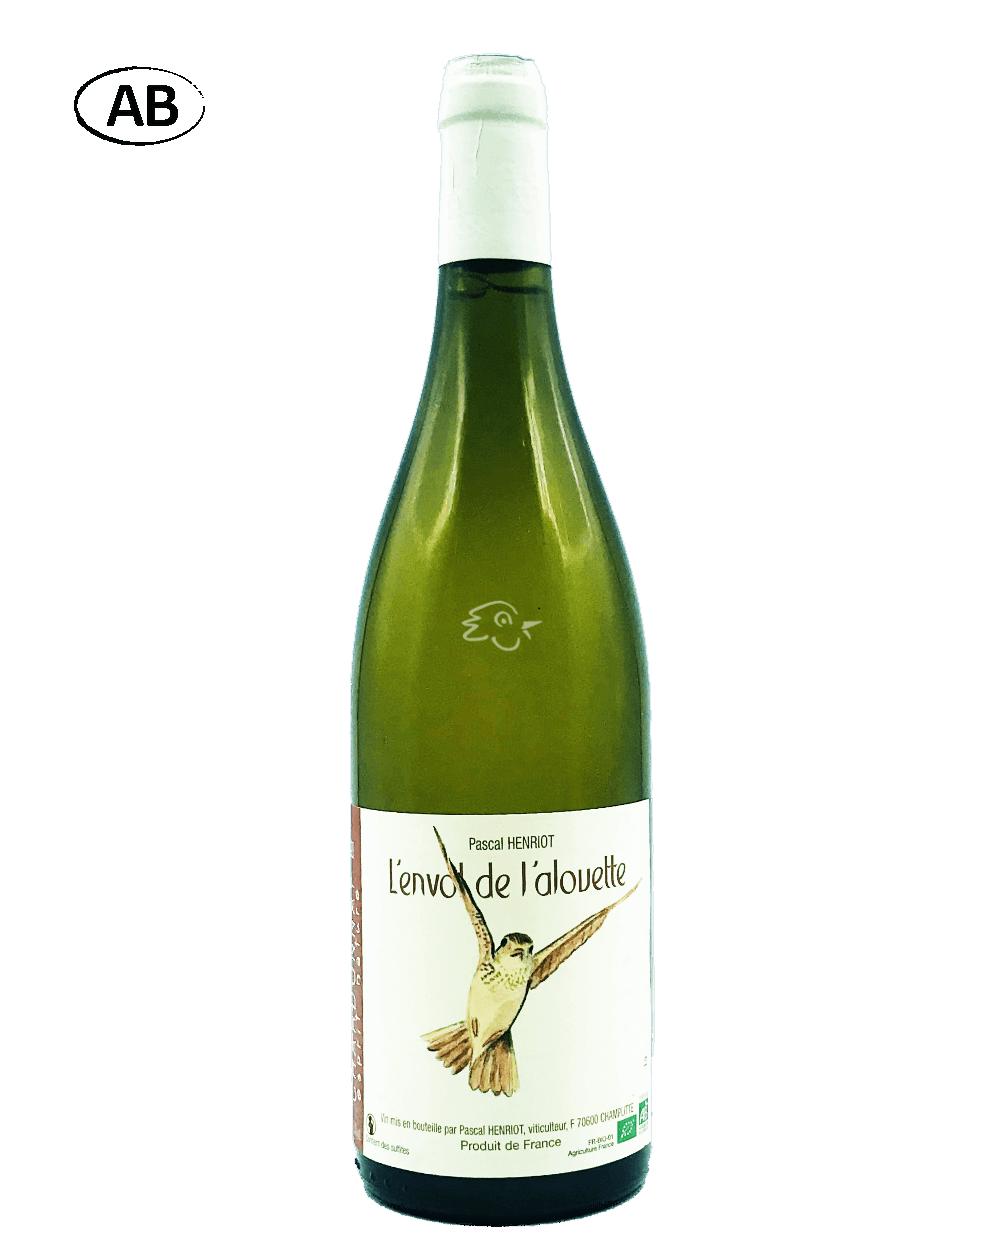 Pascal Henriot - Chardonnay L'Envol de l'Alouette 2020 - Avintures